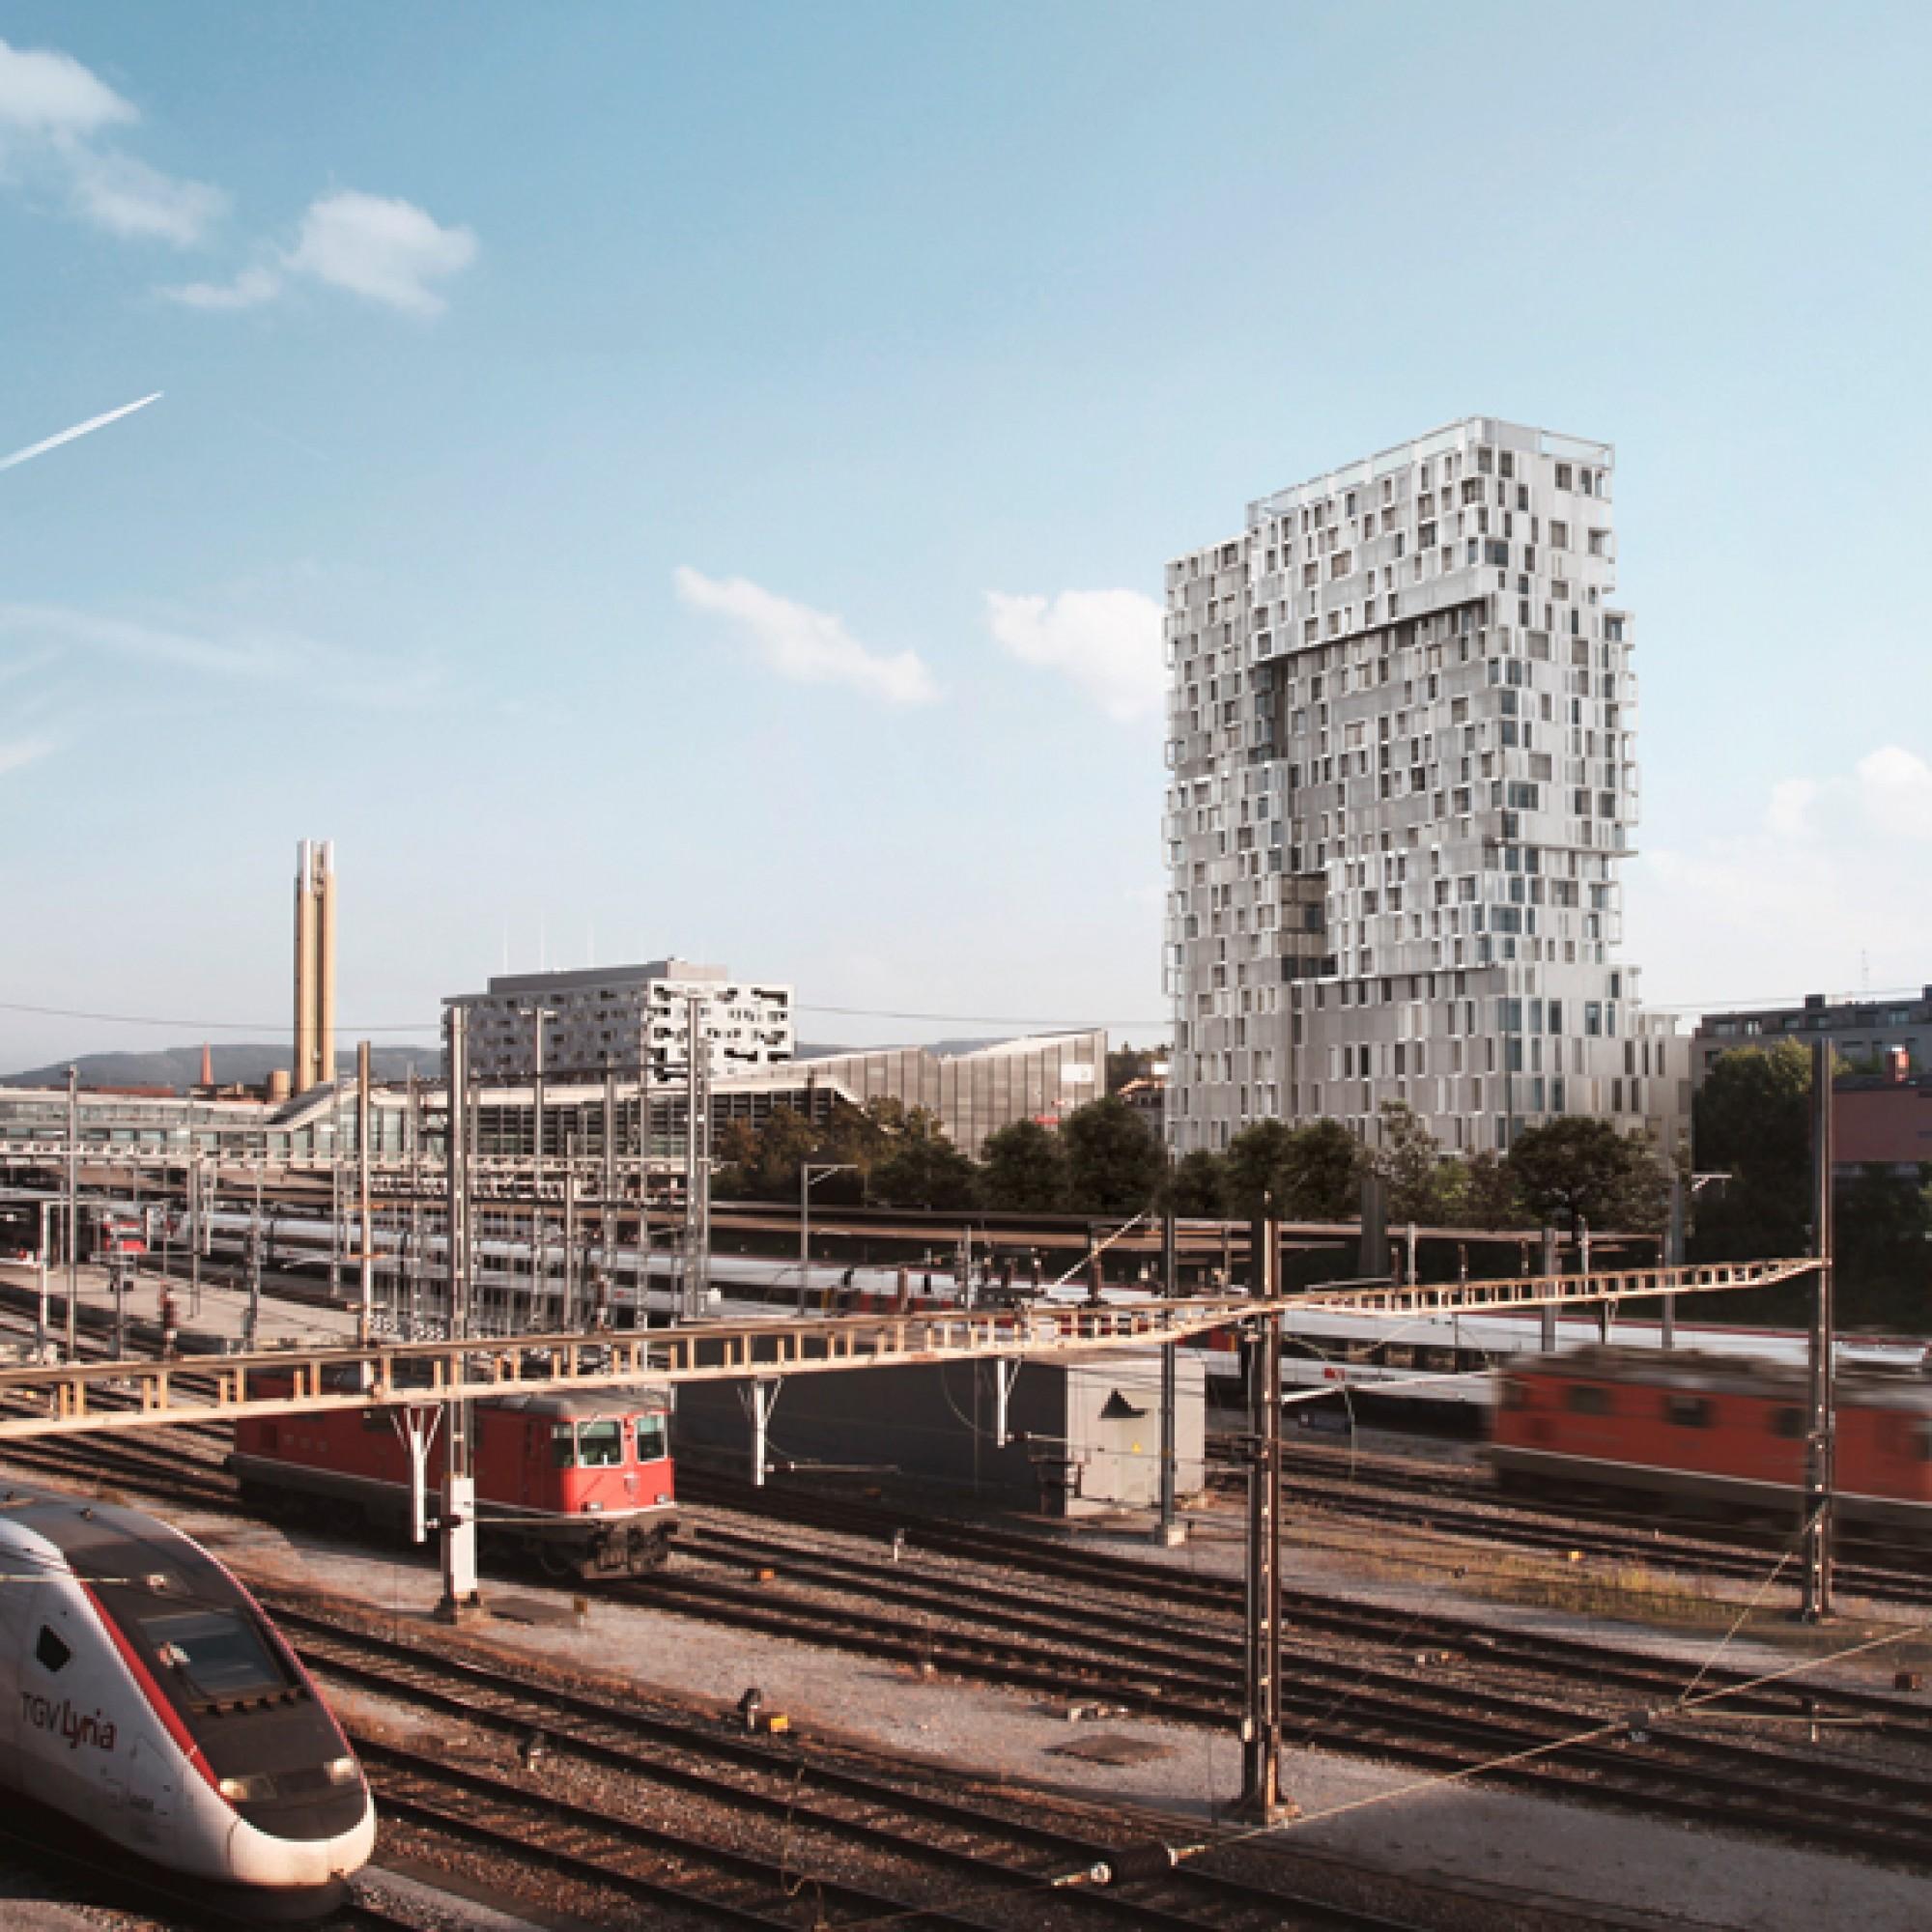 Wer dereinst mit dem Zug nach Basel fährt, wird den Turm schon Weitem sehen. (SBB) 1/4